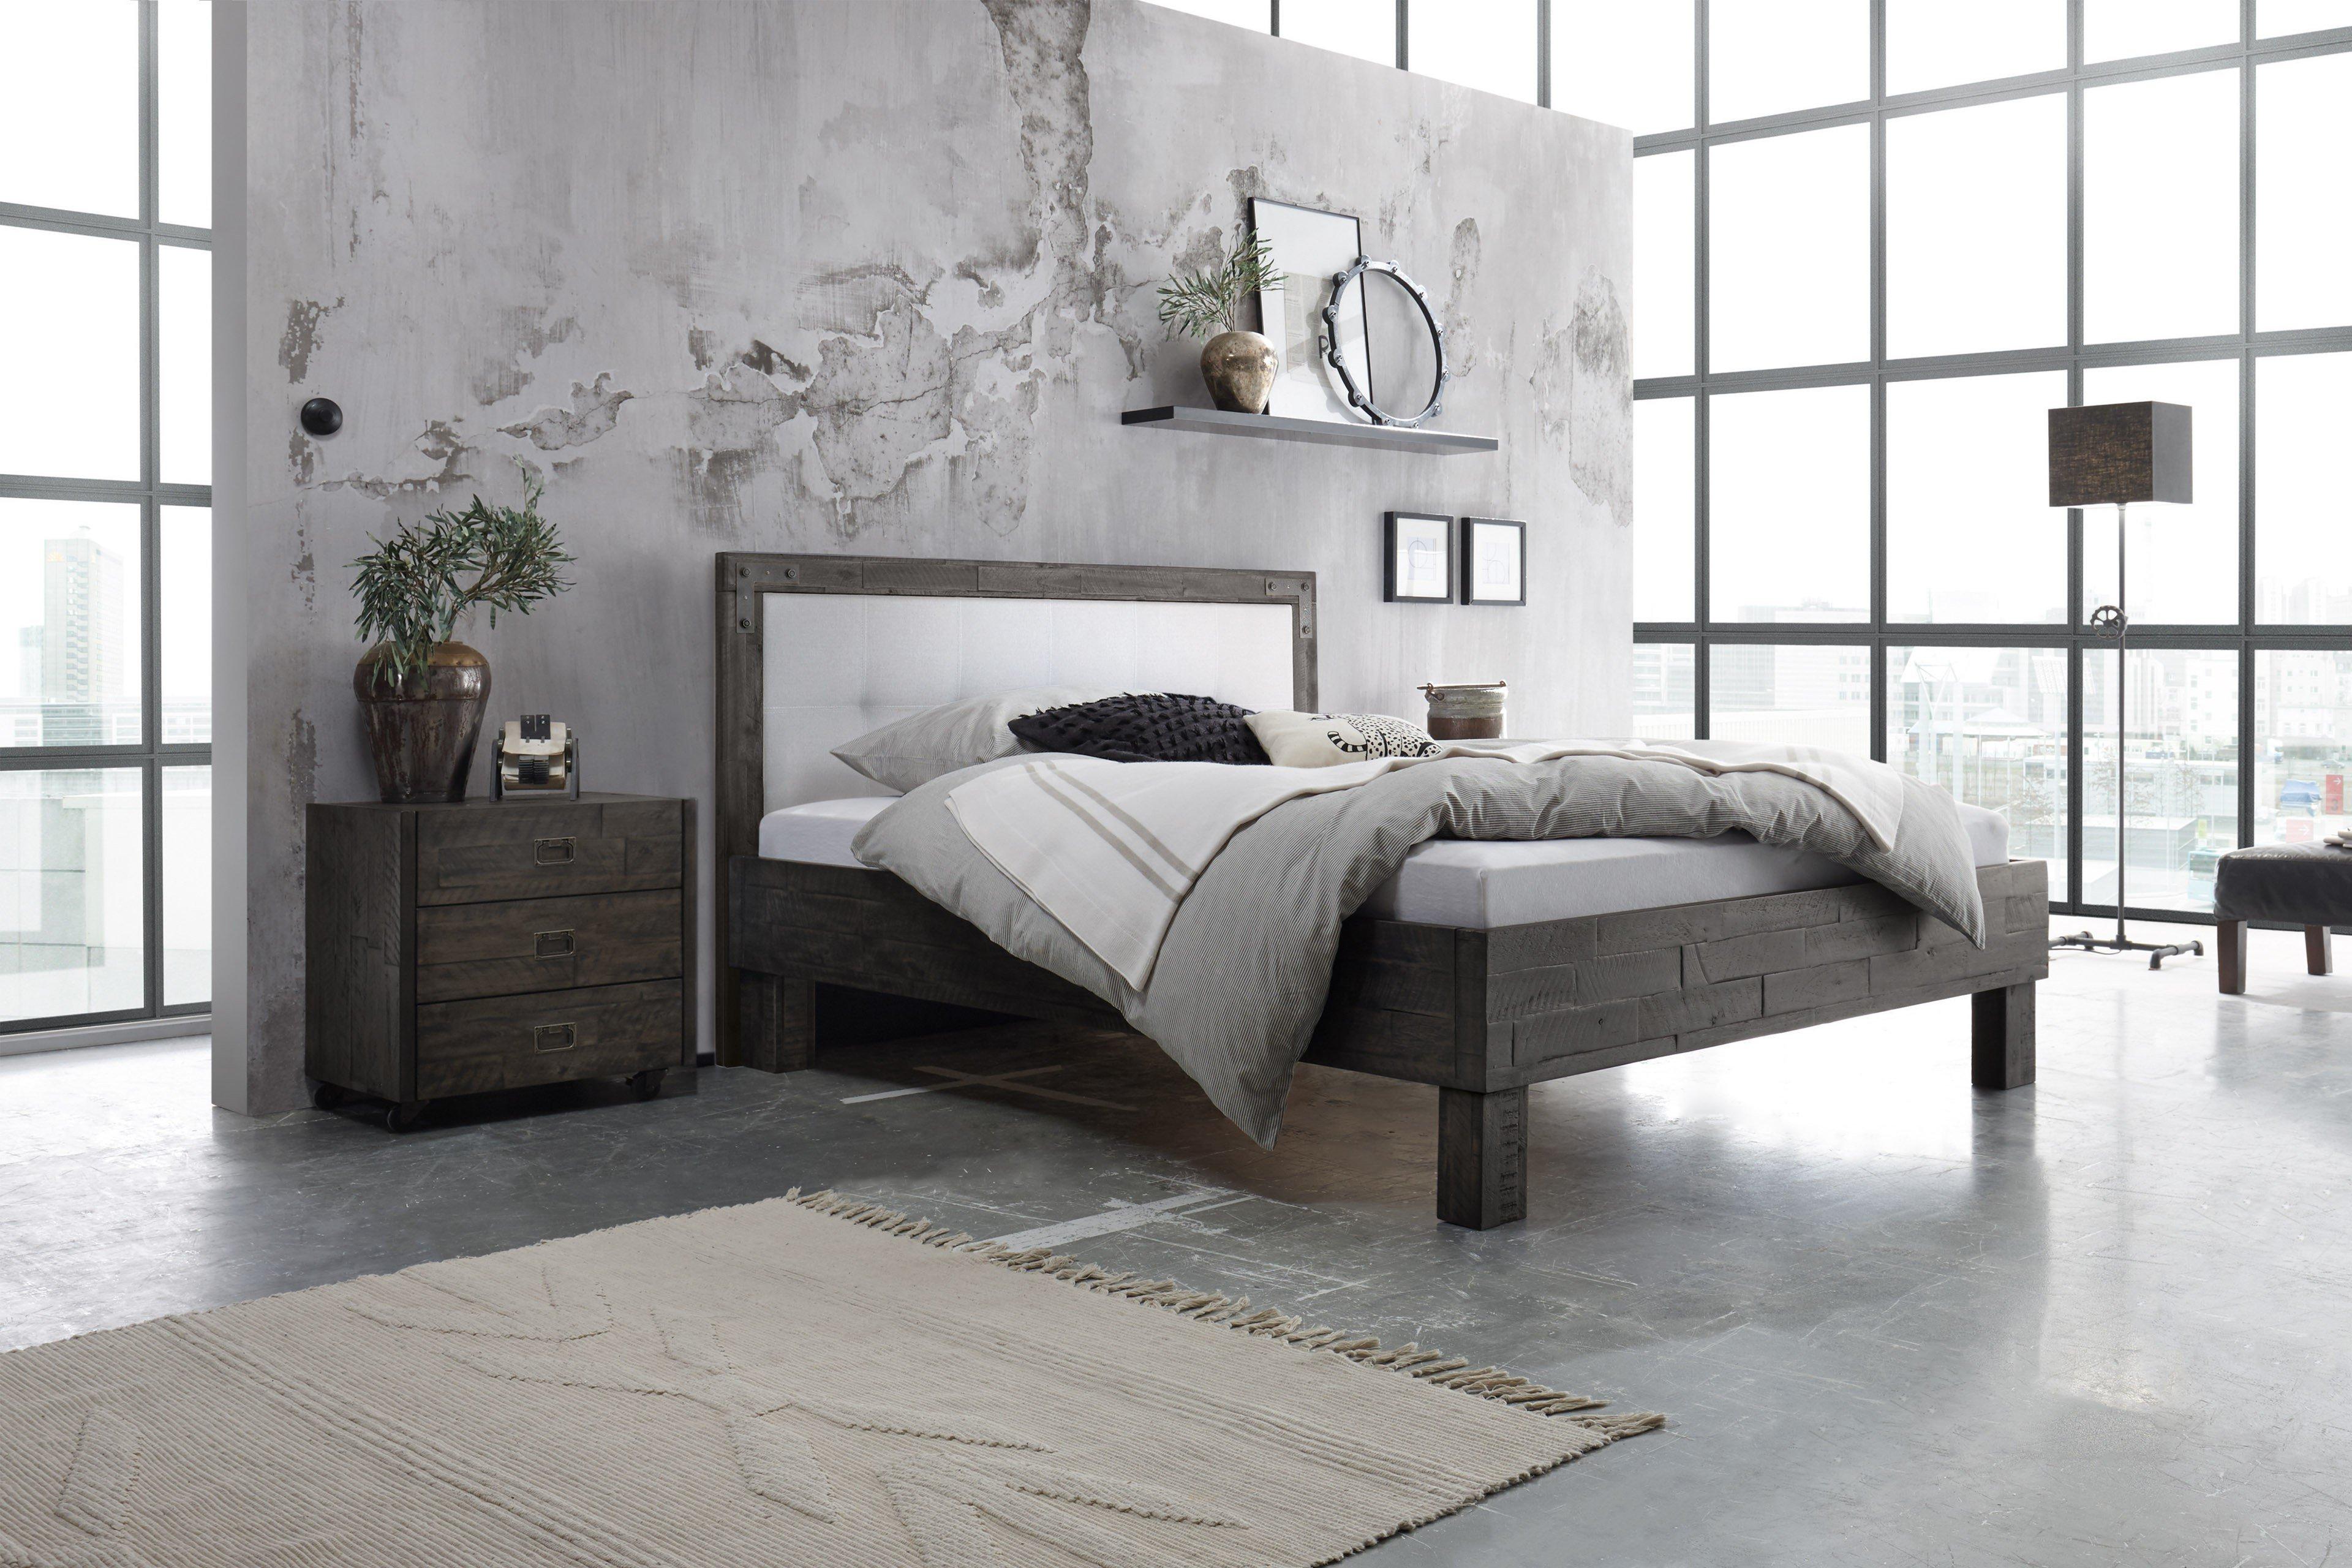 hasena factory b holz bett akazie grau wei m bel letz ihr online shop. Black Bedroom Furniture Sets. Home Design Ideas